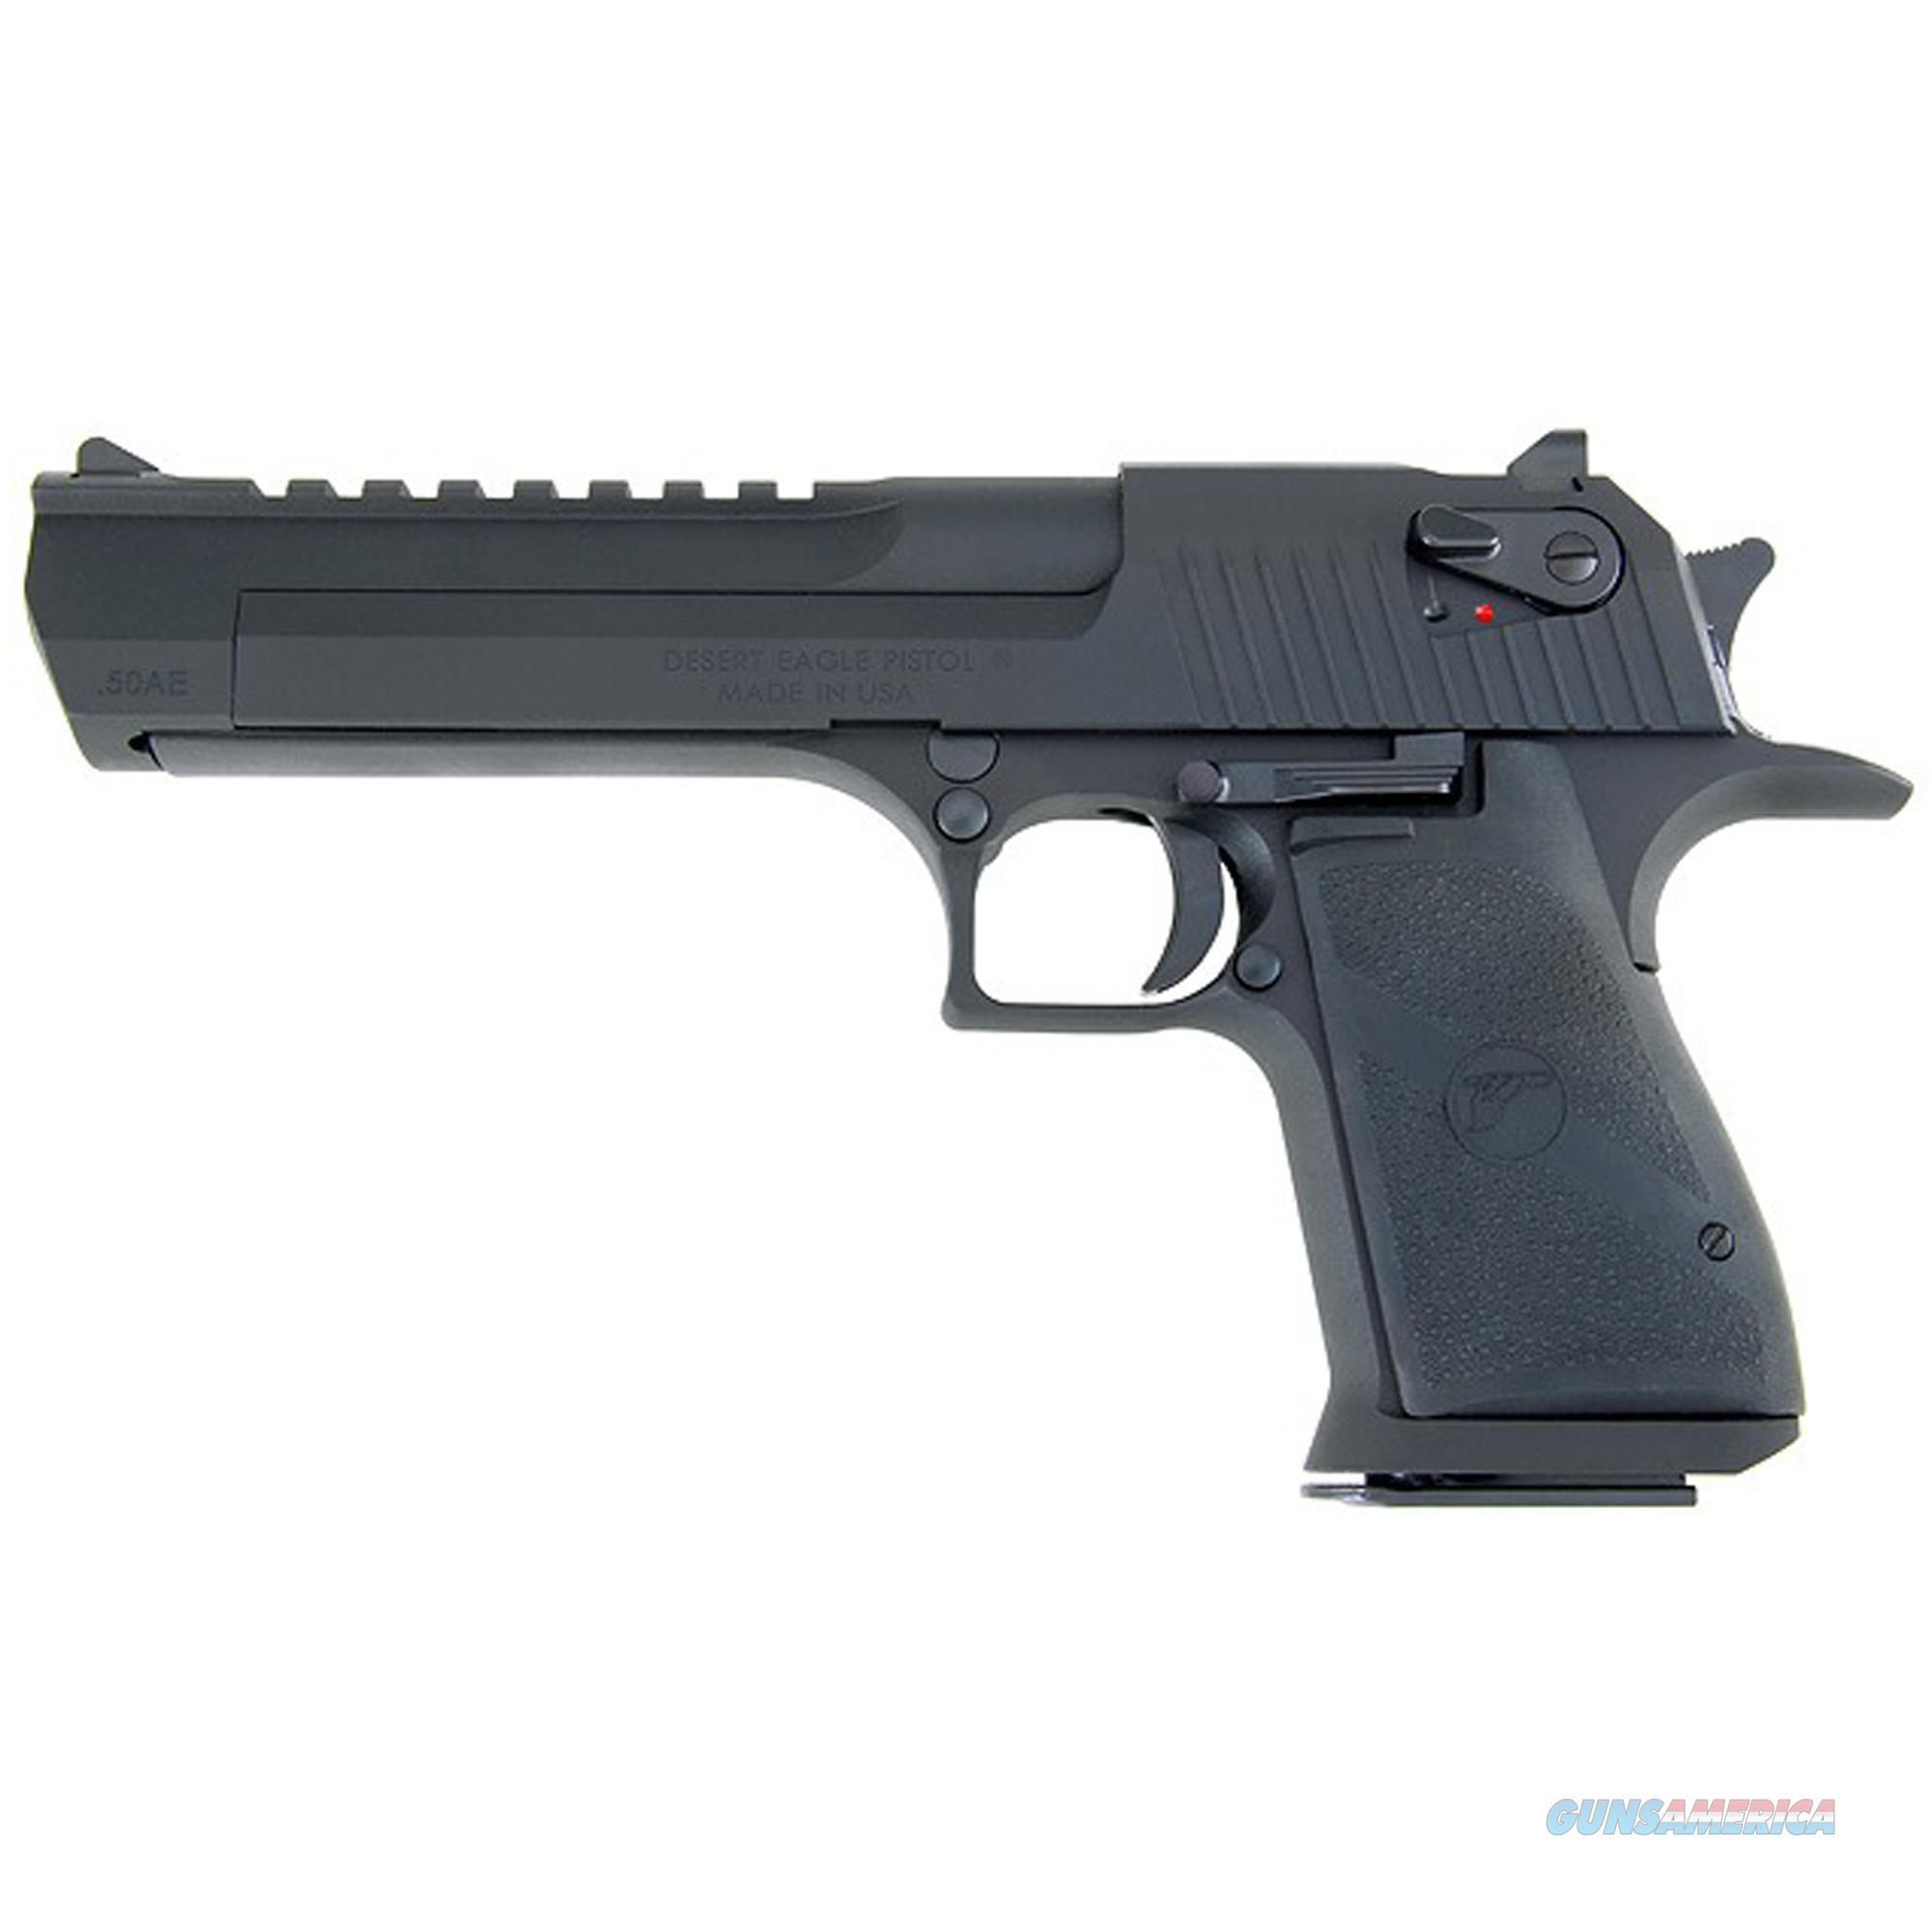 Magnum Research/Desert Eagle MK19 50AE  Guns > Pistols > Magnum Research Pistols